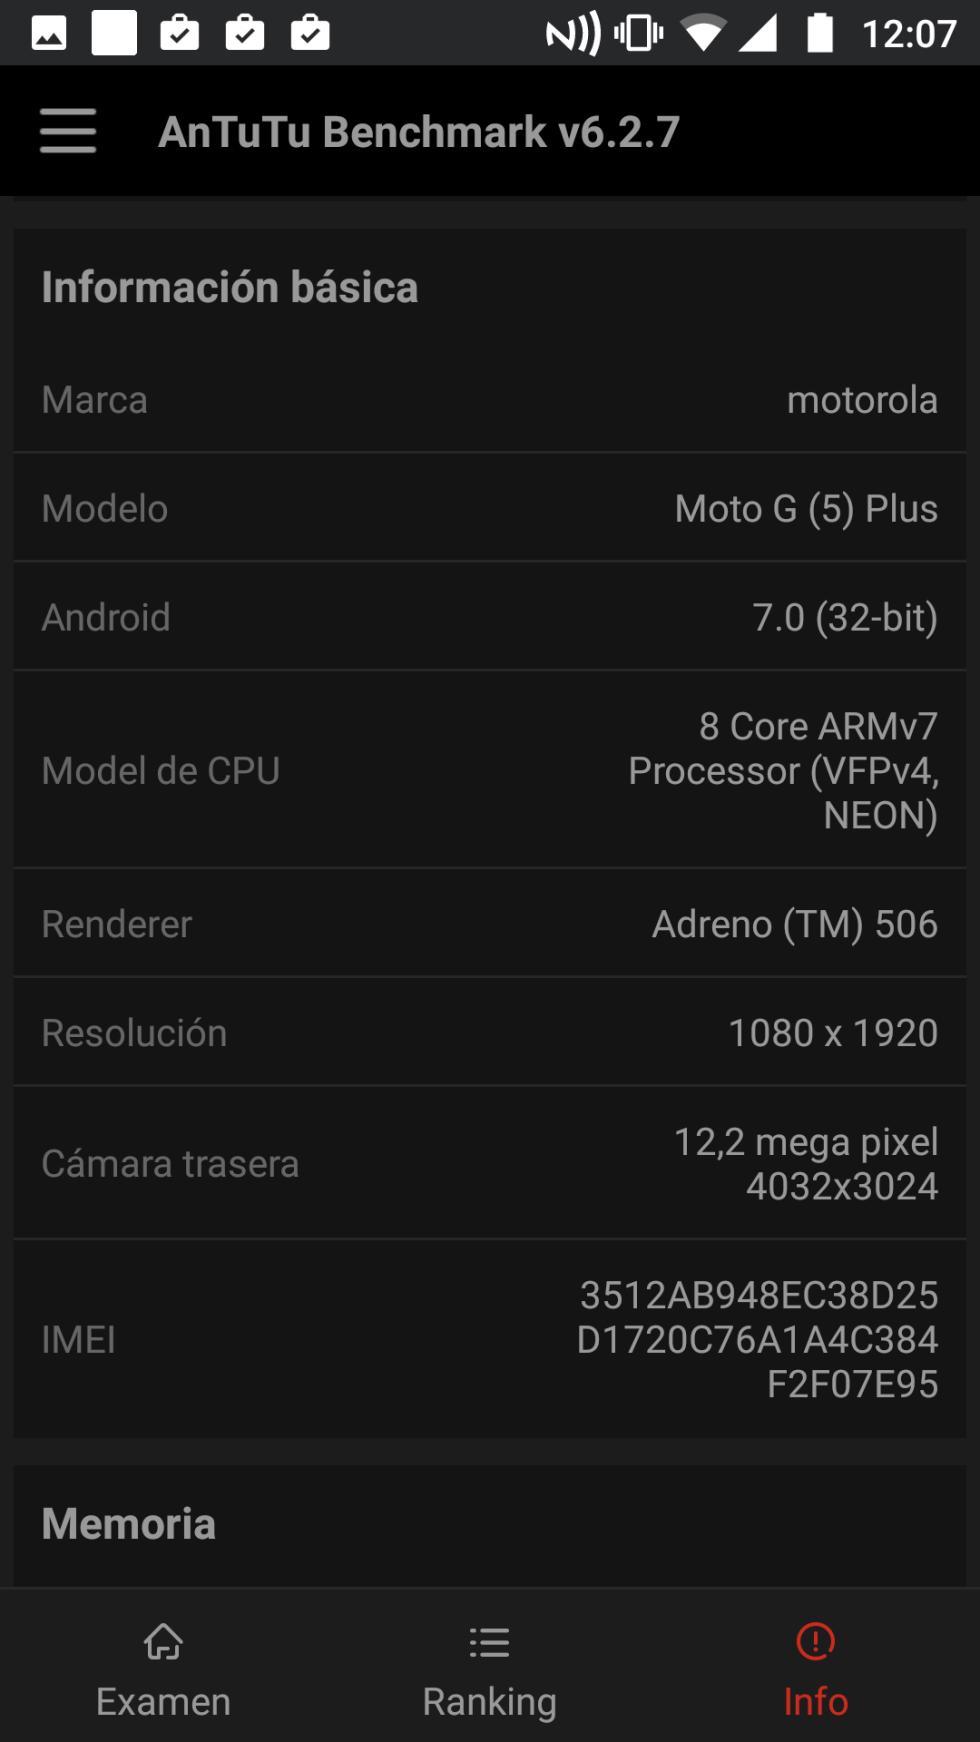 Y, para asegurarnos de que todo está en orden, aquí podemos ver las características de este móvil de Motorola que detecta AnTuTu